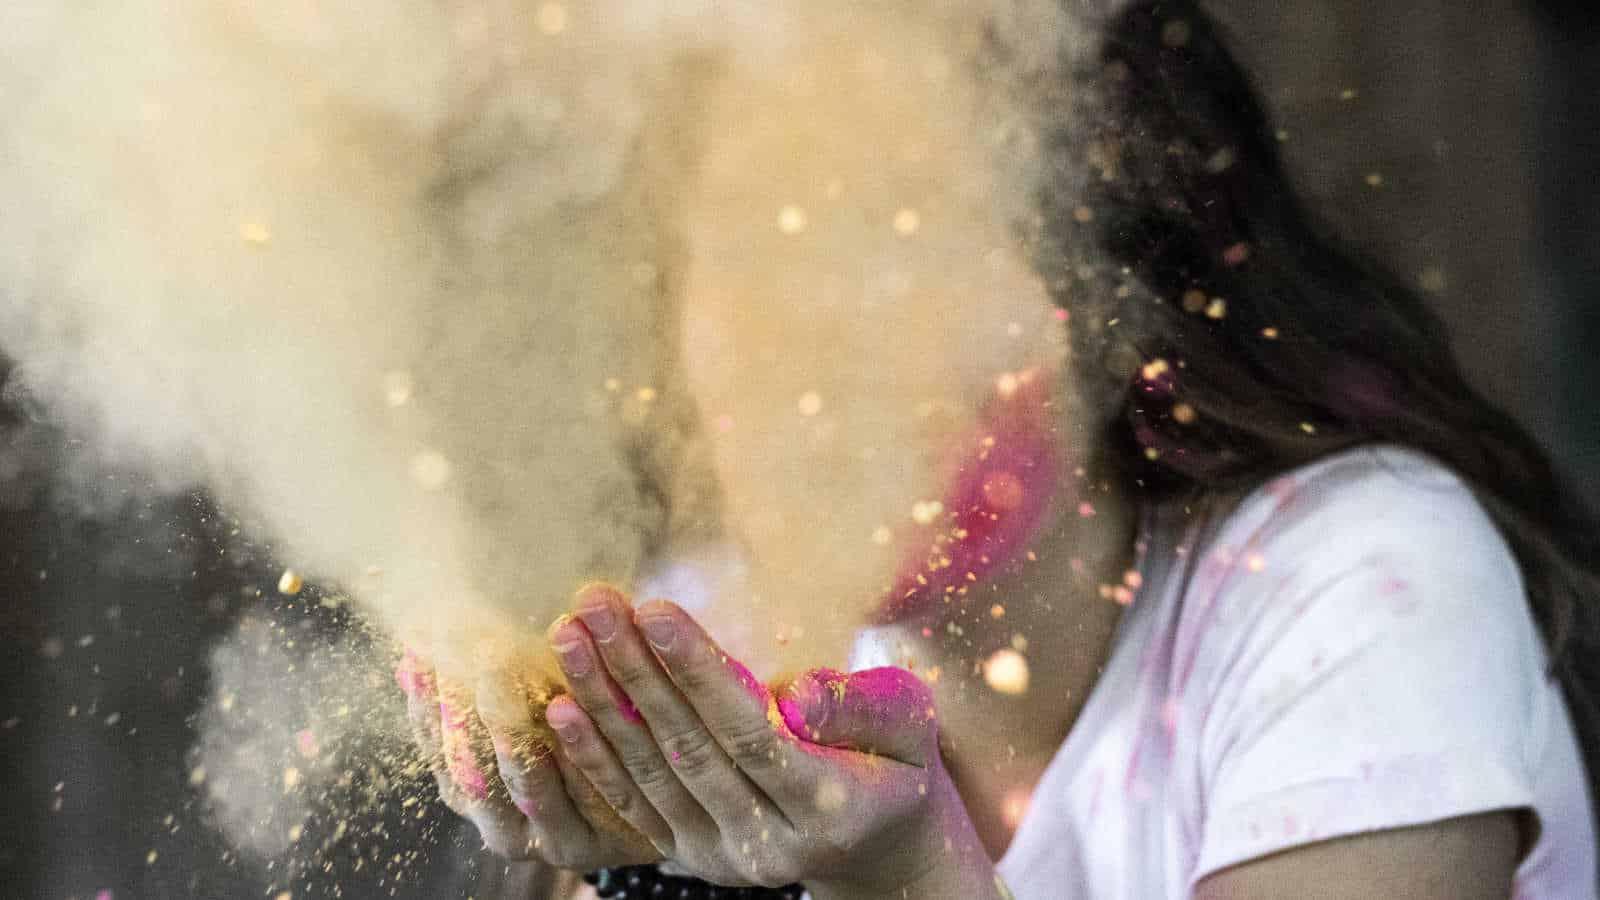 Dampfbad gegen Pickel- Schnell und einfach zu sanfter Haut